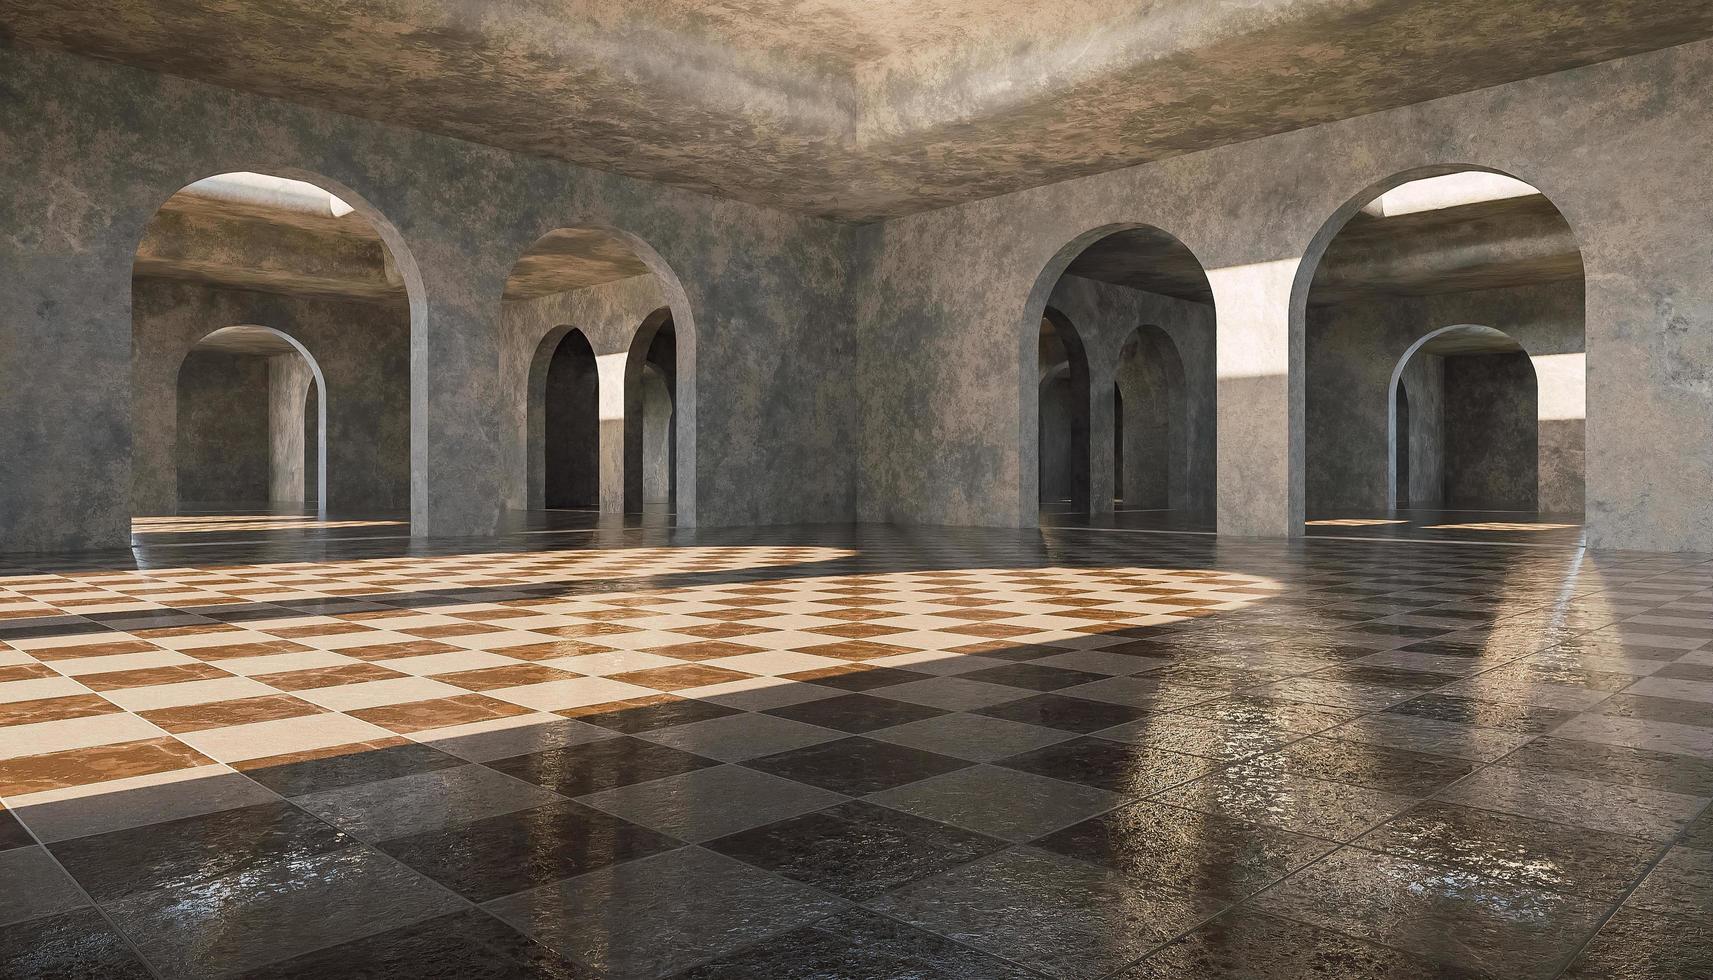 galería de arcos infinitos de hormigón con baldosas de mármol foto